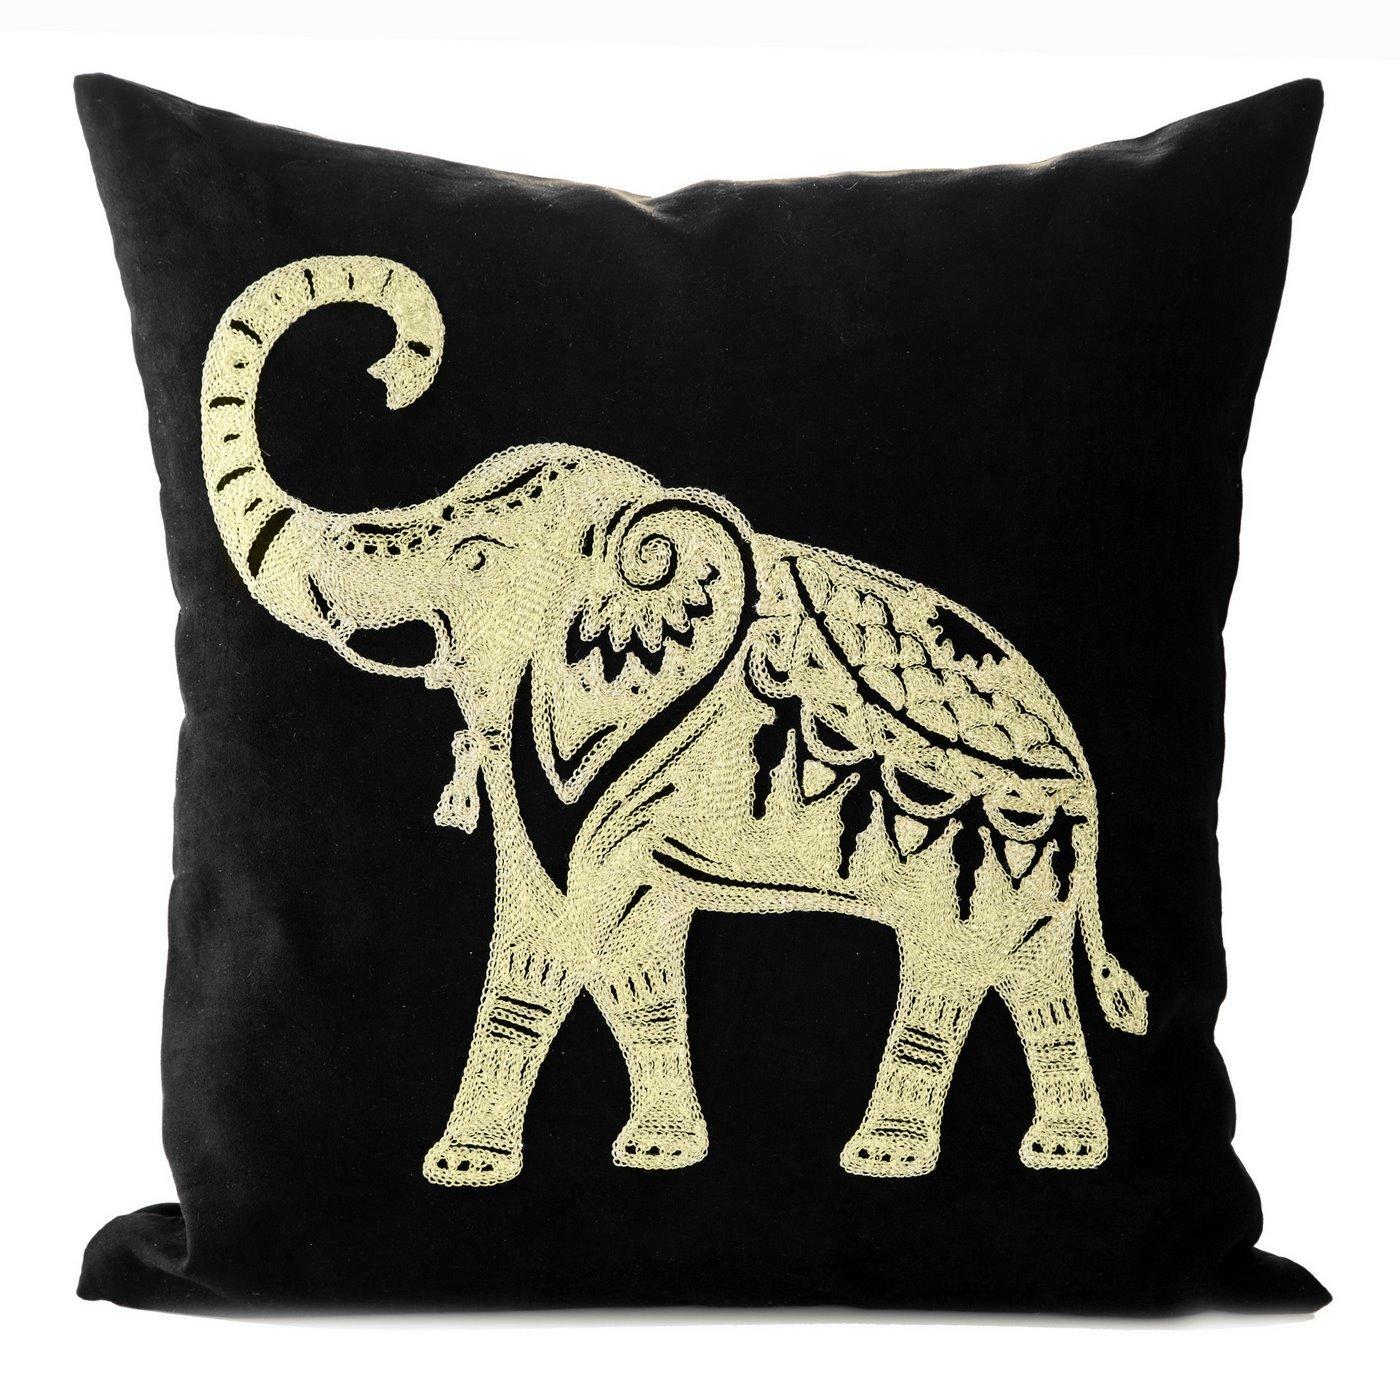 Poszewka dekoracyjna czarna haftowany złoty słoń 45 x 45cm